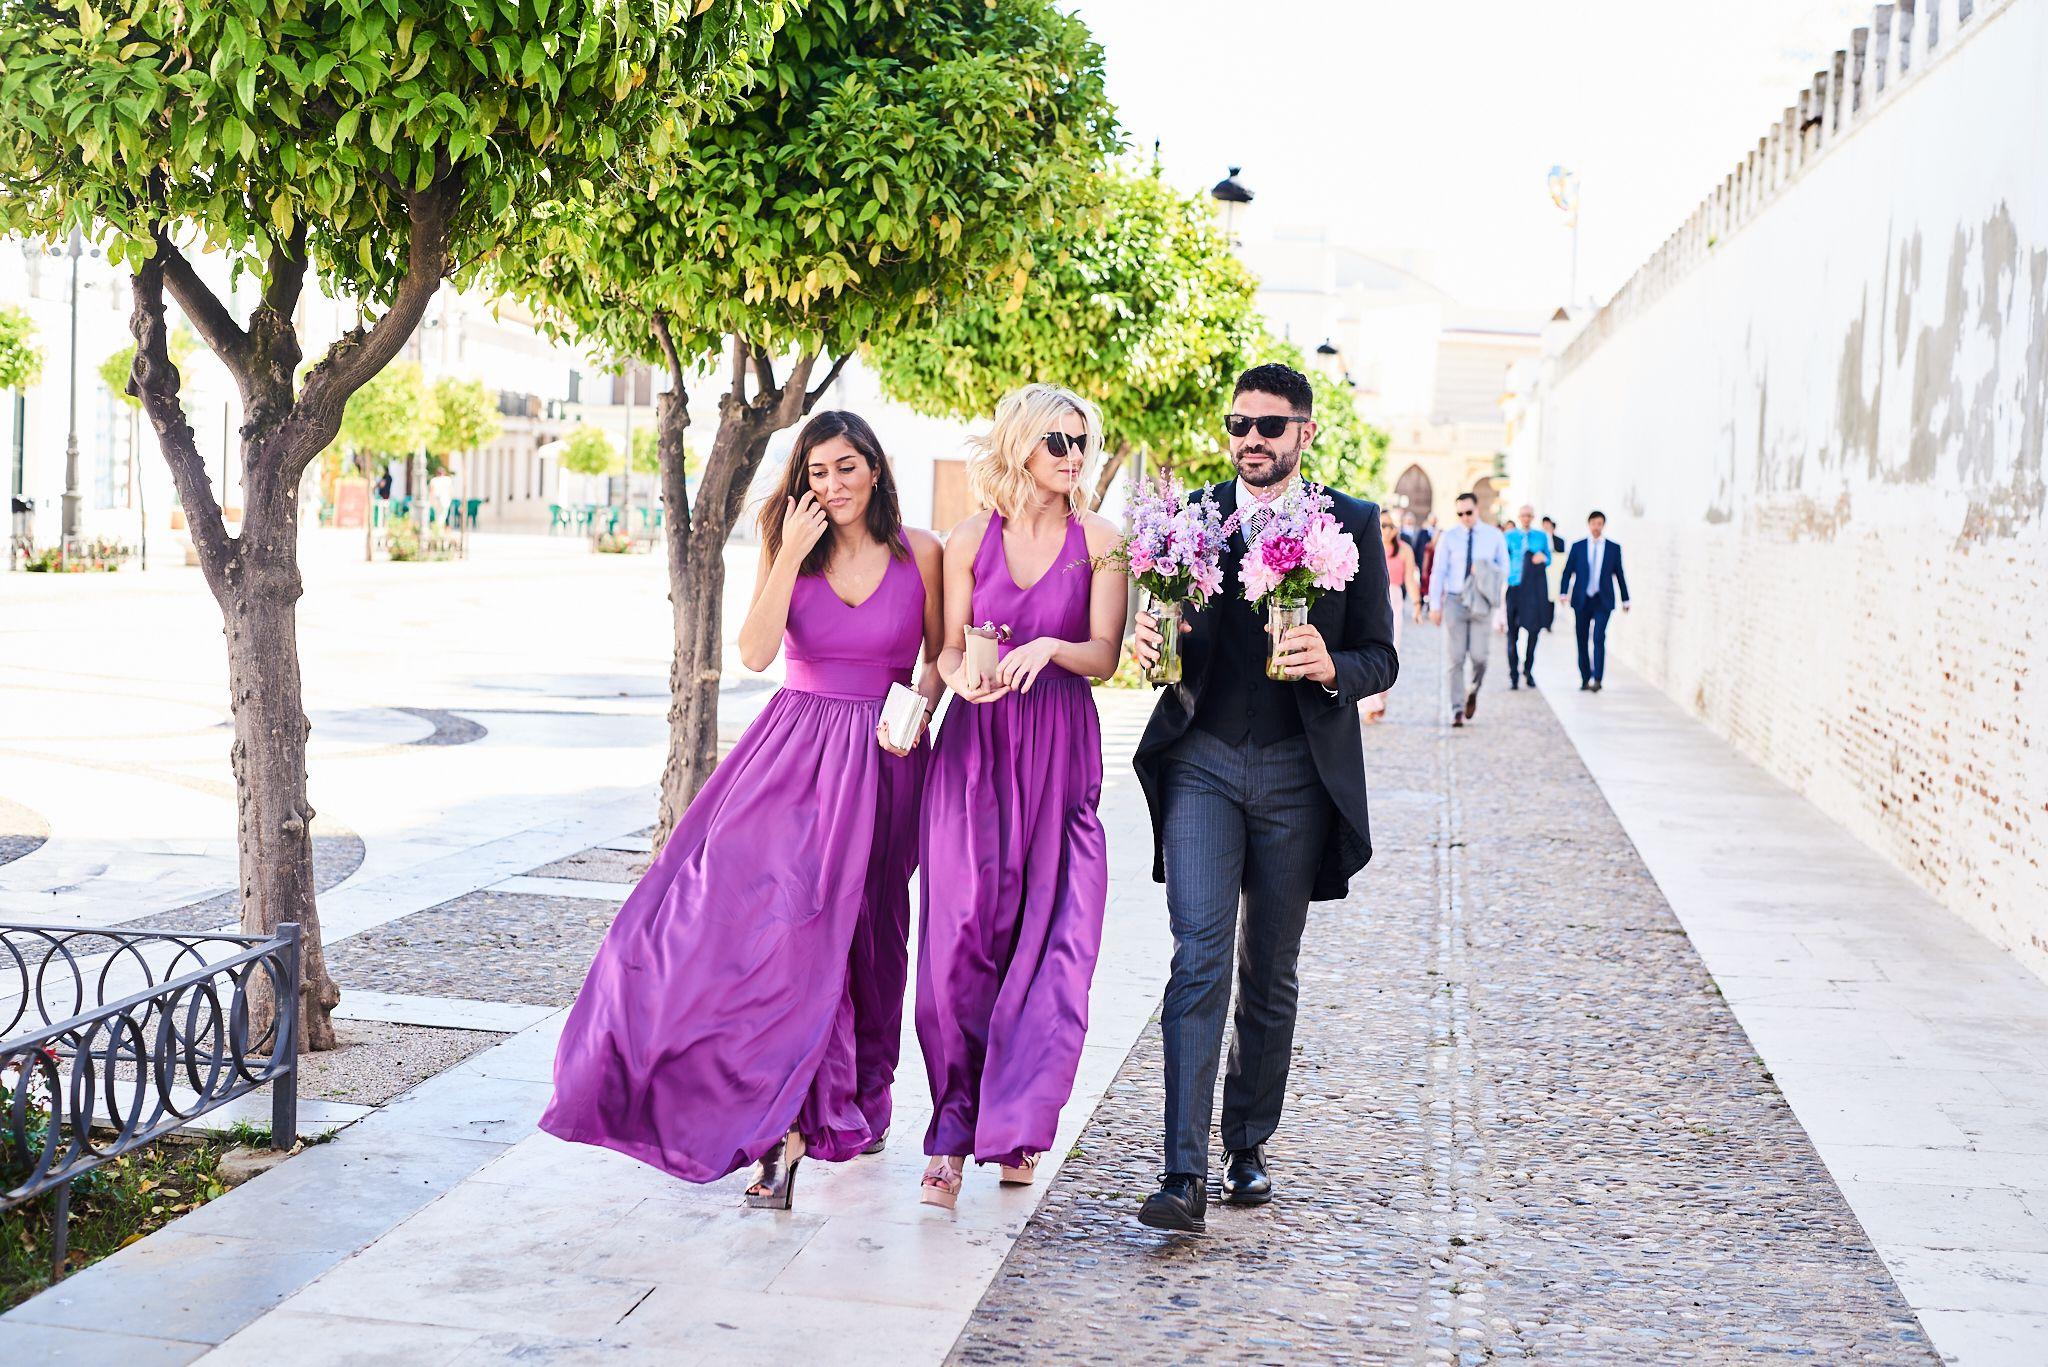 La-22Destination-Wedding22-en-Moguer-de-Lauren-y-JosC3A9-Antonio-JoseAntonio-alejandromarmol0791.jpg